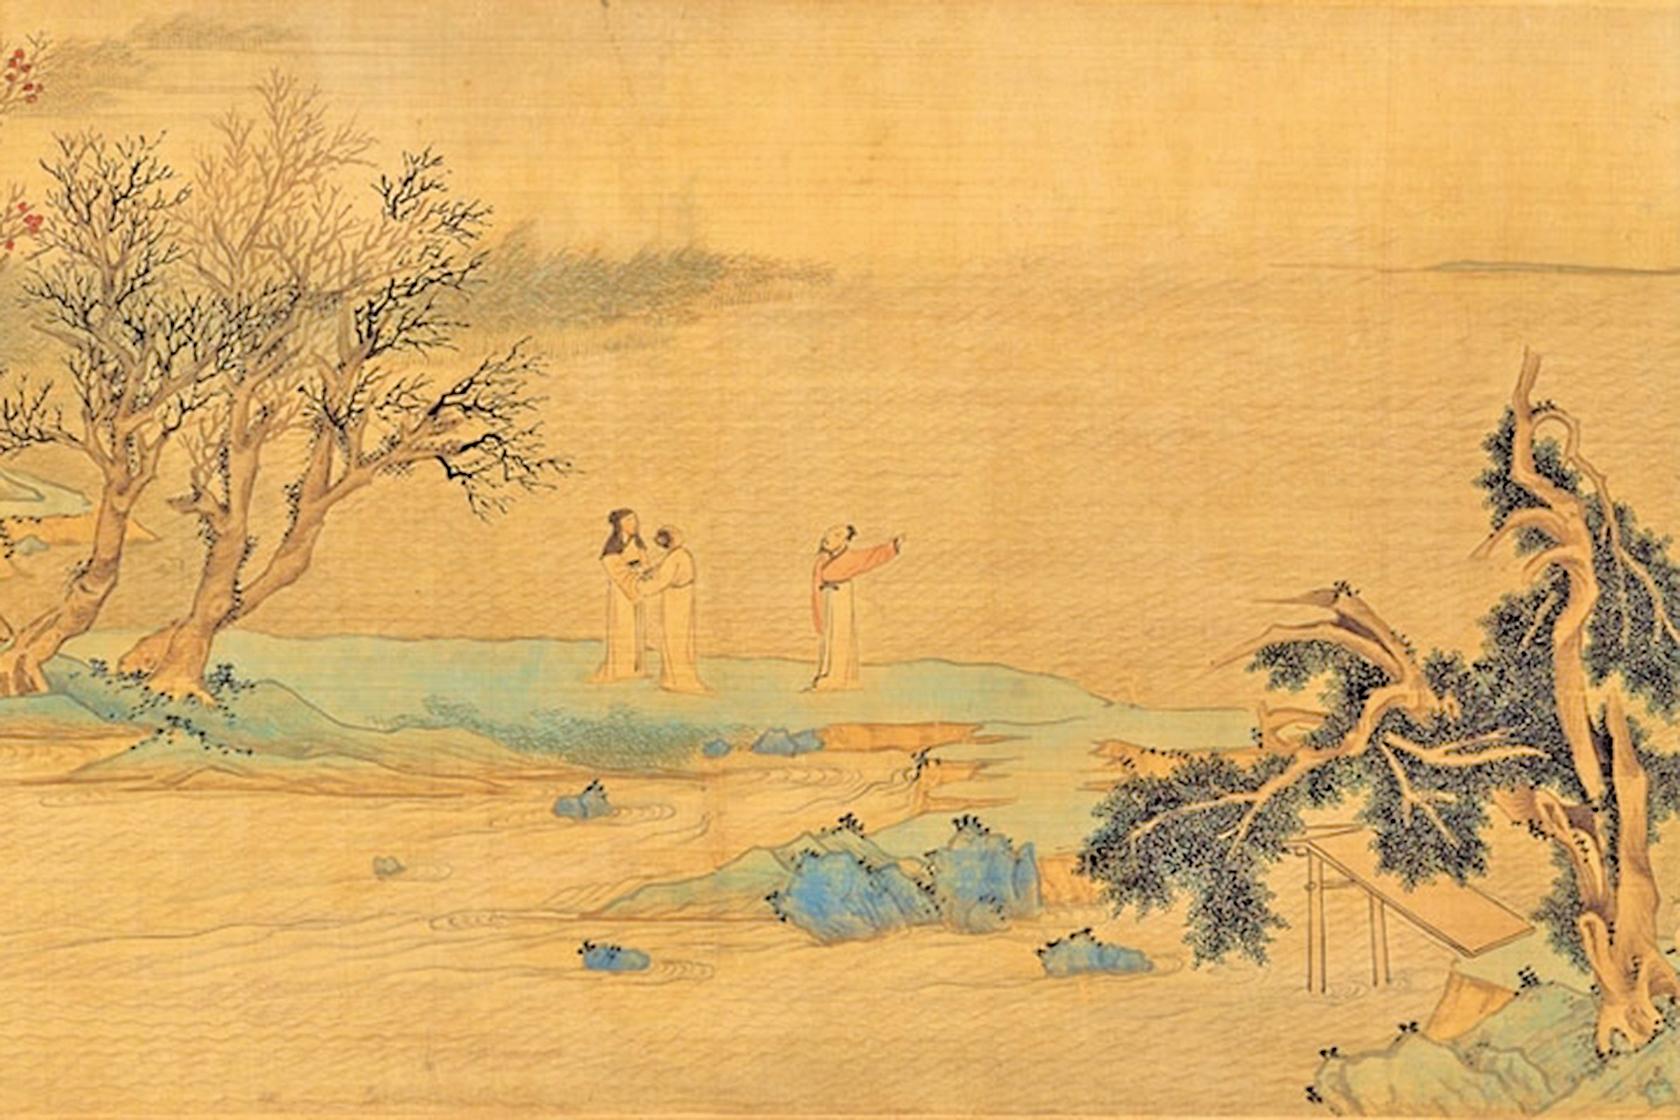 明‧文徵明《倣趙伯驌後赤壁圖》(局部),描繪蘇軾與二友人攜酒與魚復遊赤壁。(公有領域)